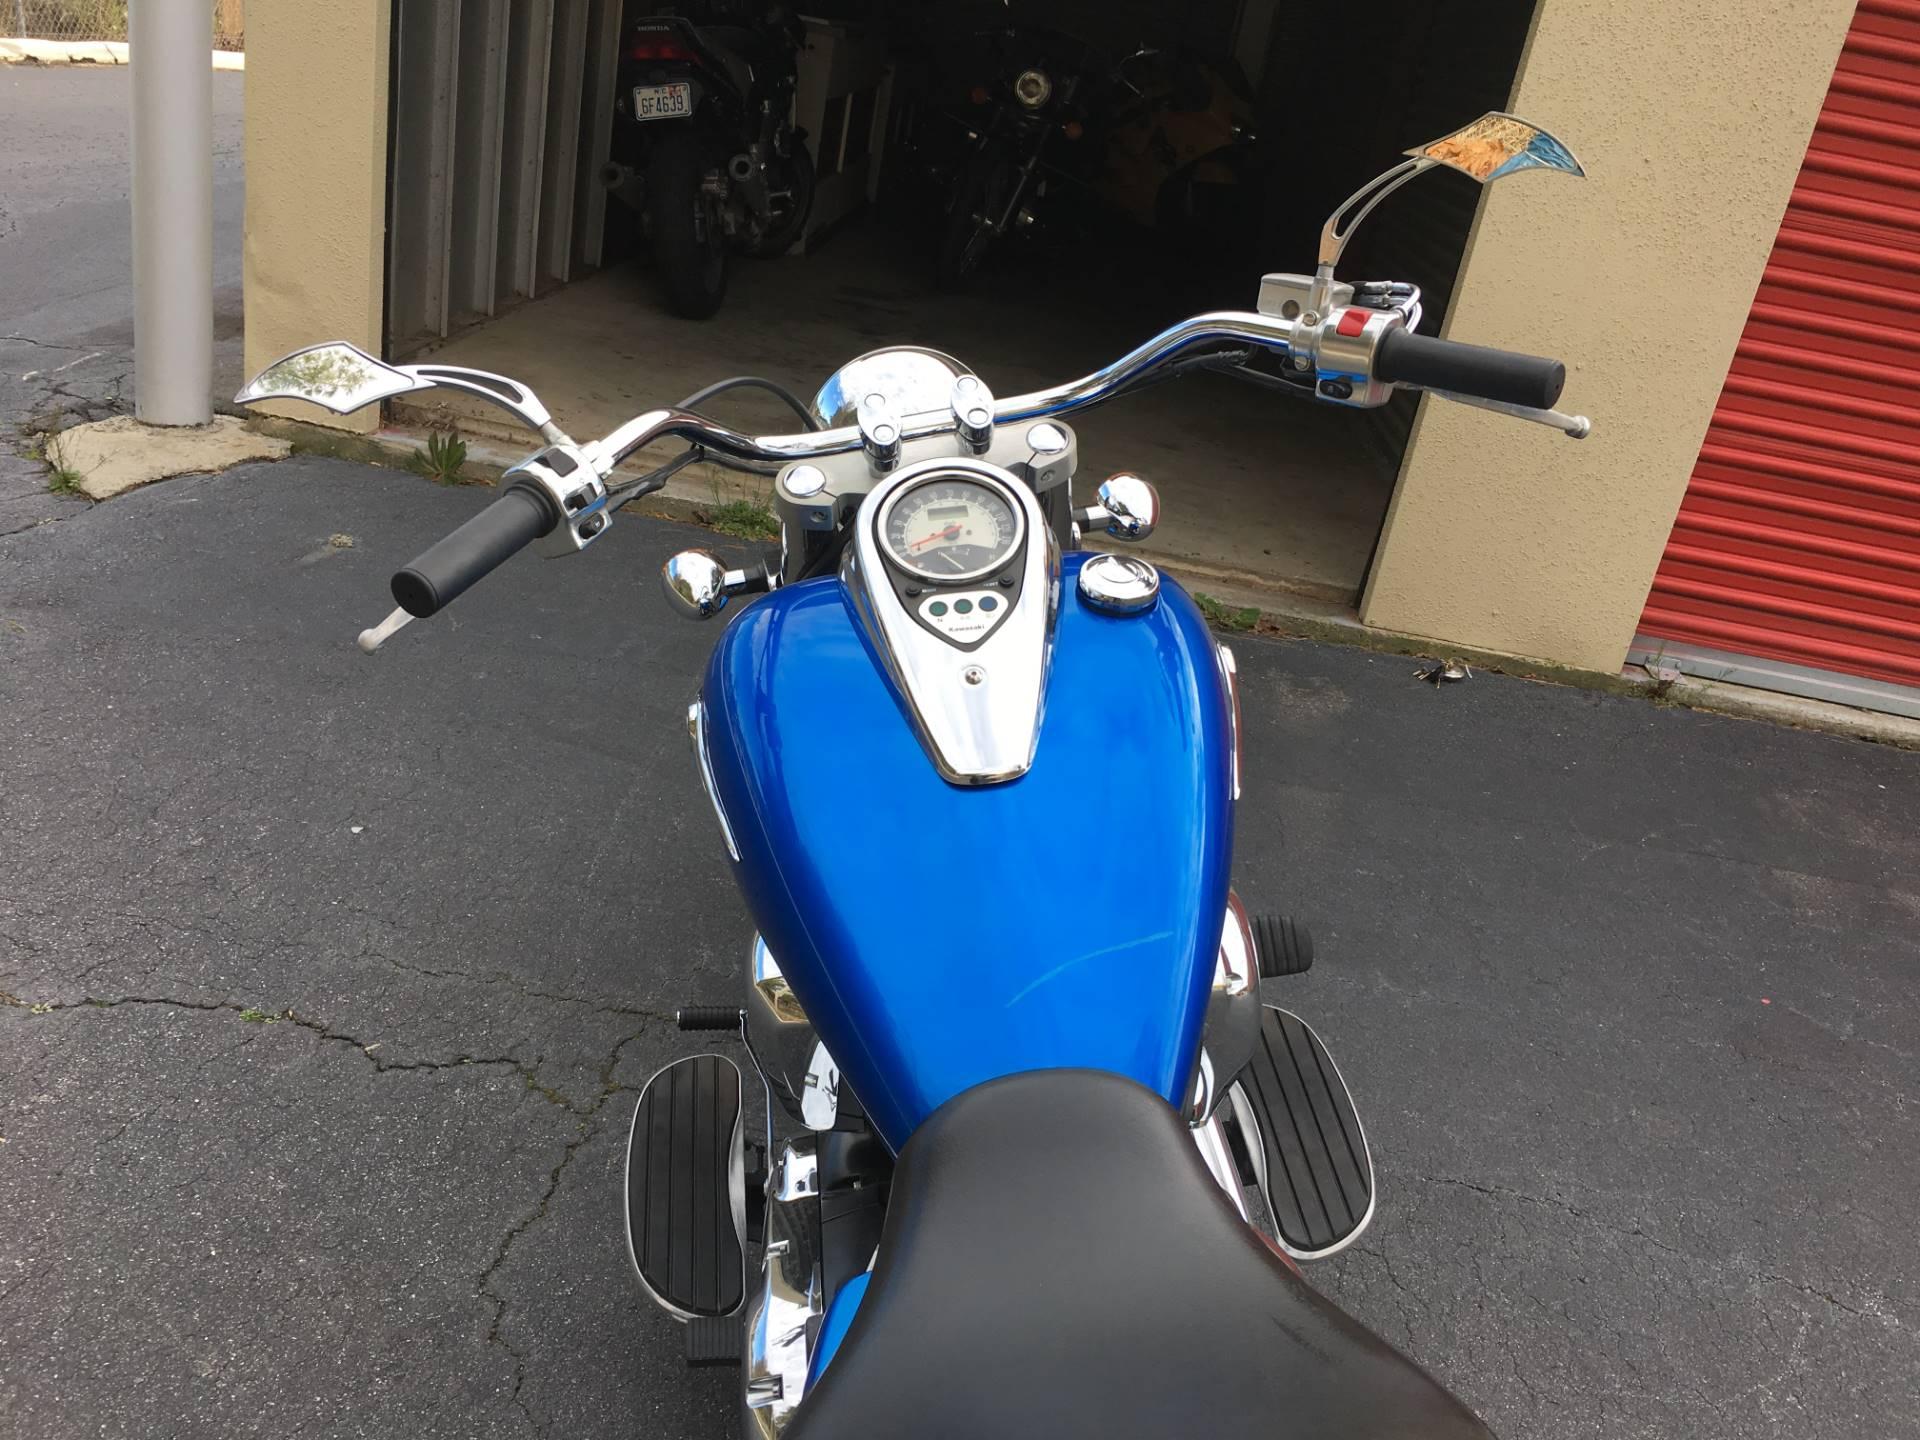 2009 Kawasaki Vulcan® 900 Classic in Asheville, North Carolina